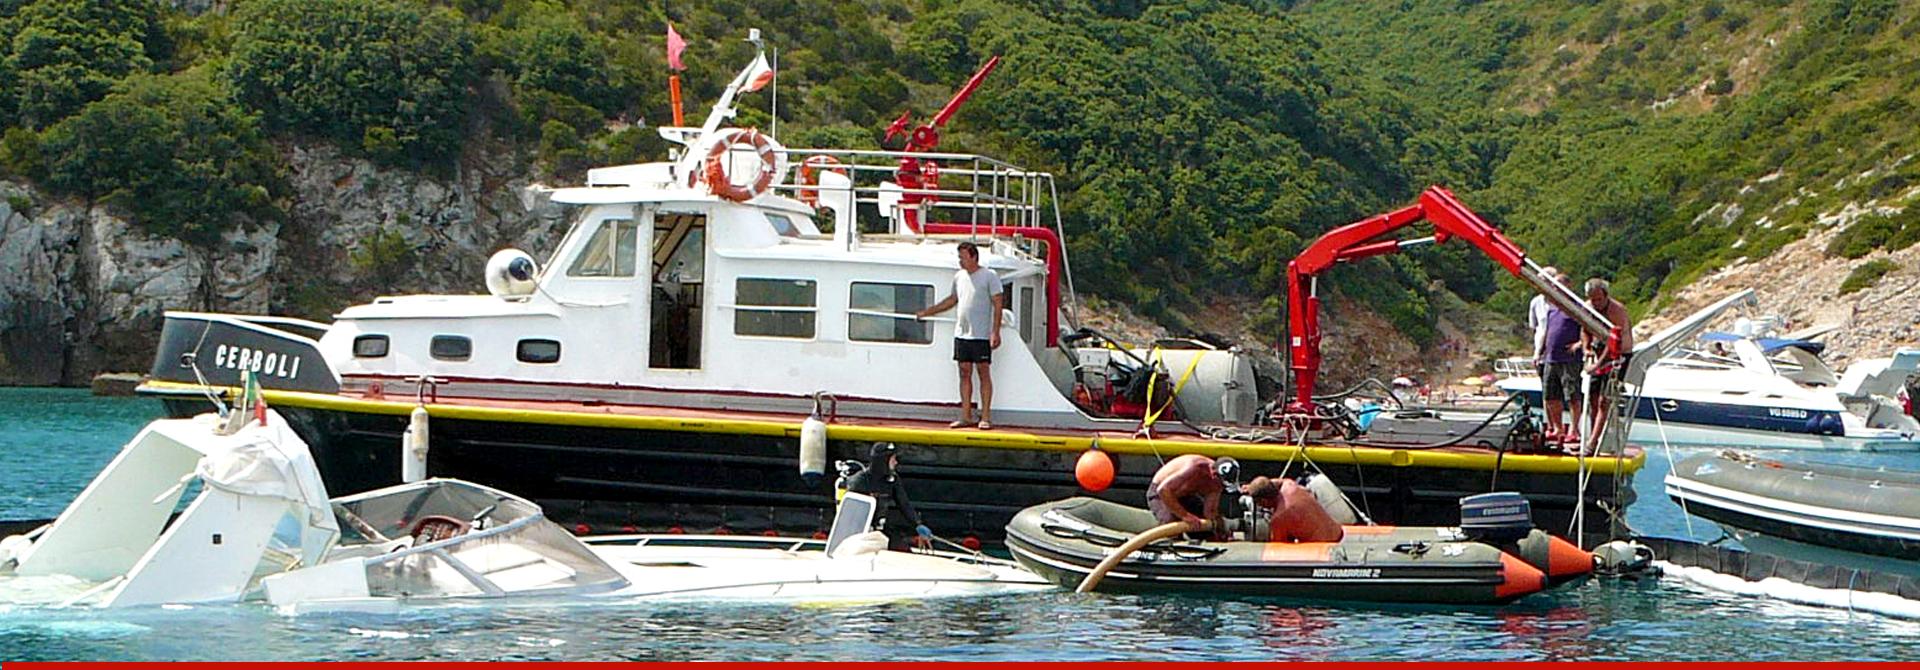 recupero-imbarcazioni-castiglione-della-pescaia-nautica-benelli-II